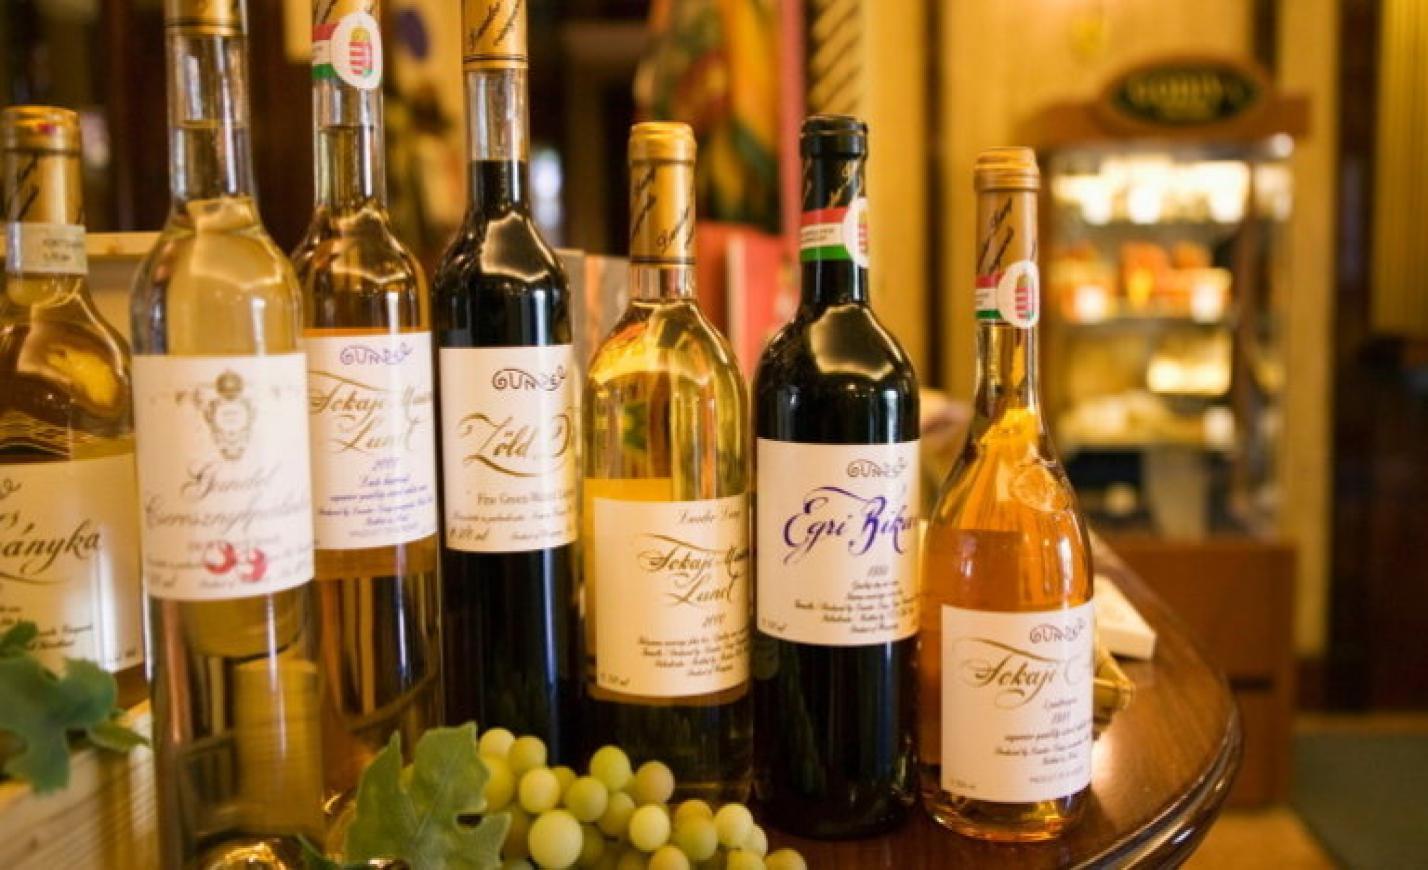 Különleges jelölést kapnak a tokaji borok Kínában